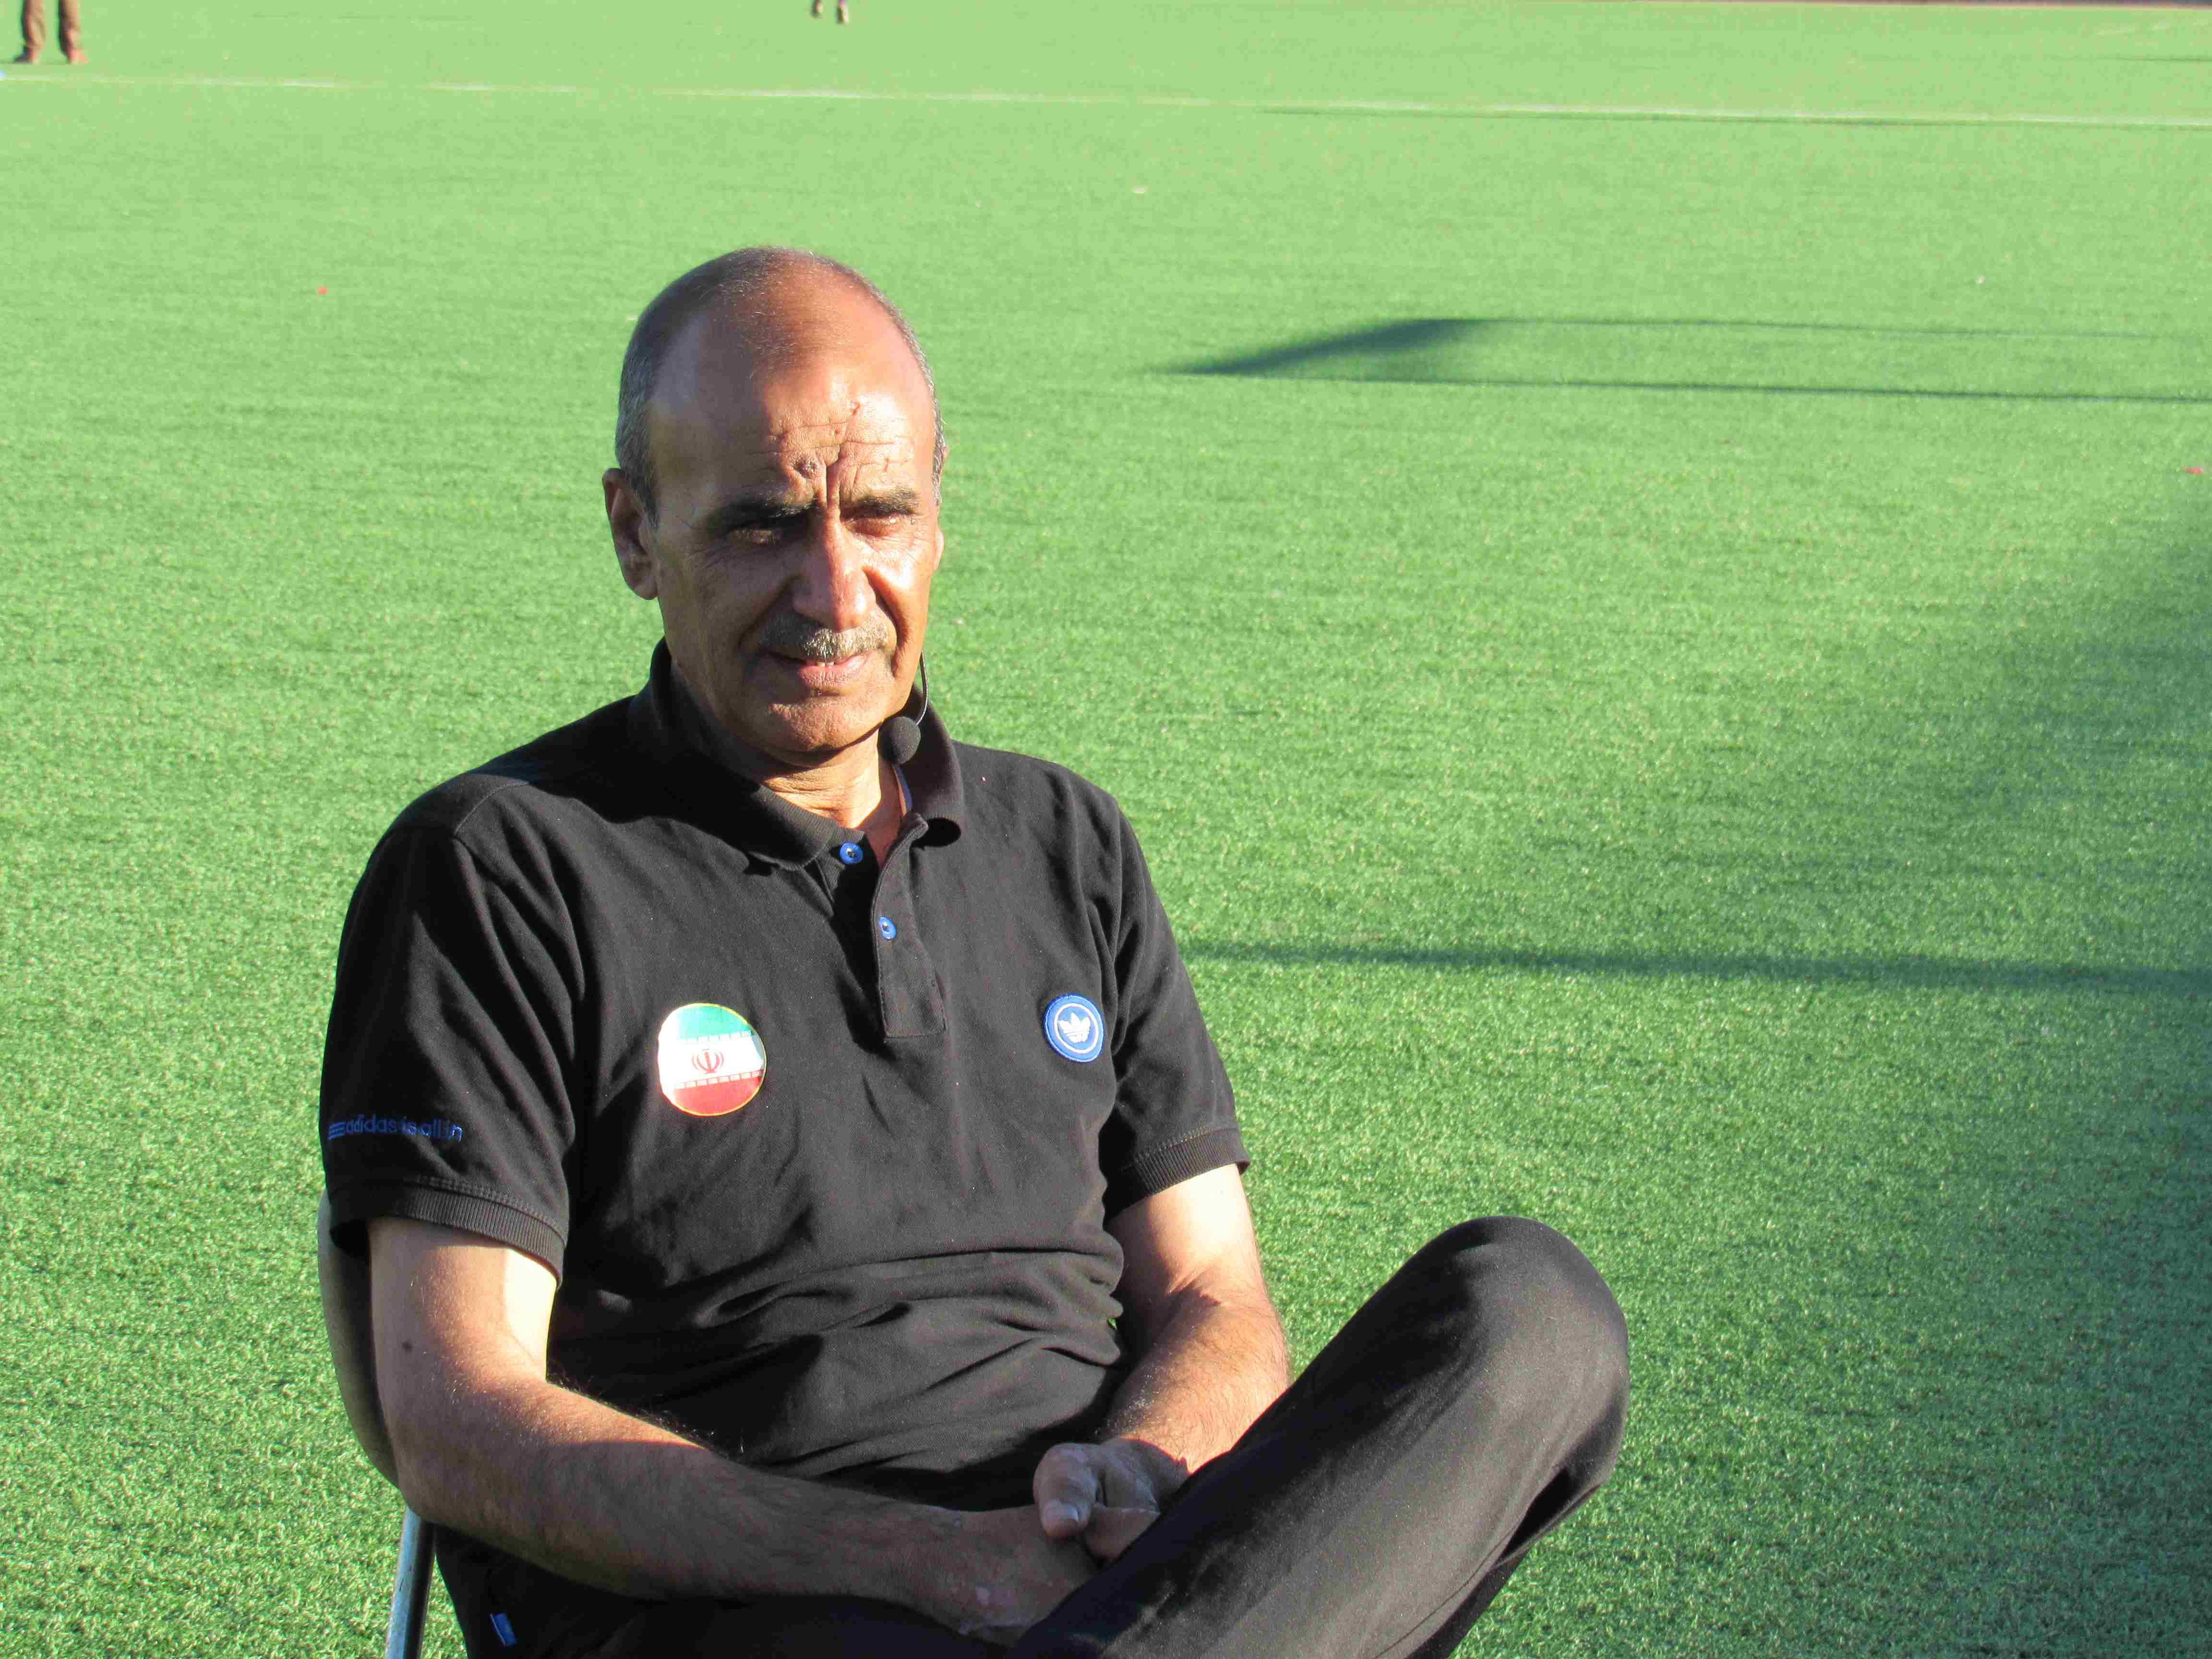 مجله تصویری رو در رو (پیشاهنگ) - گفتگوی صمیمانه با اسدالله زنگیآبادی پیشکسوت فوتبال باشگاه شهرداری کرمان